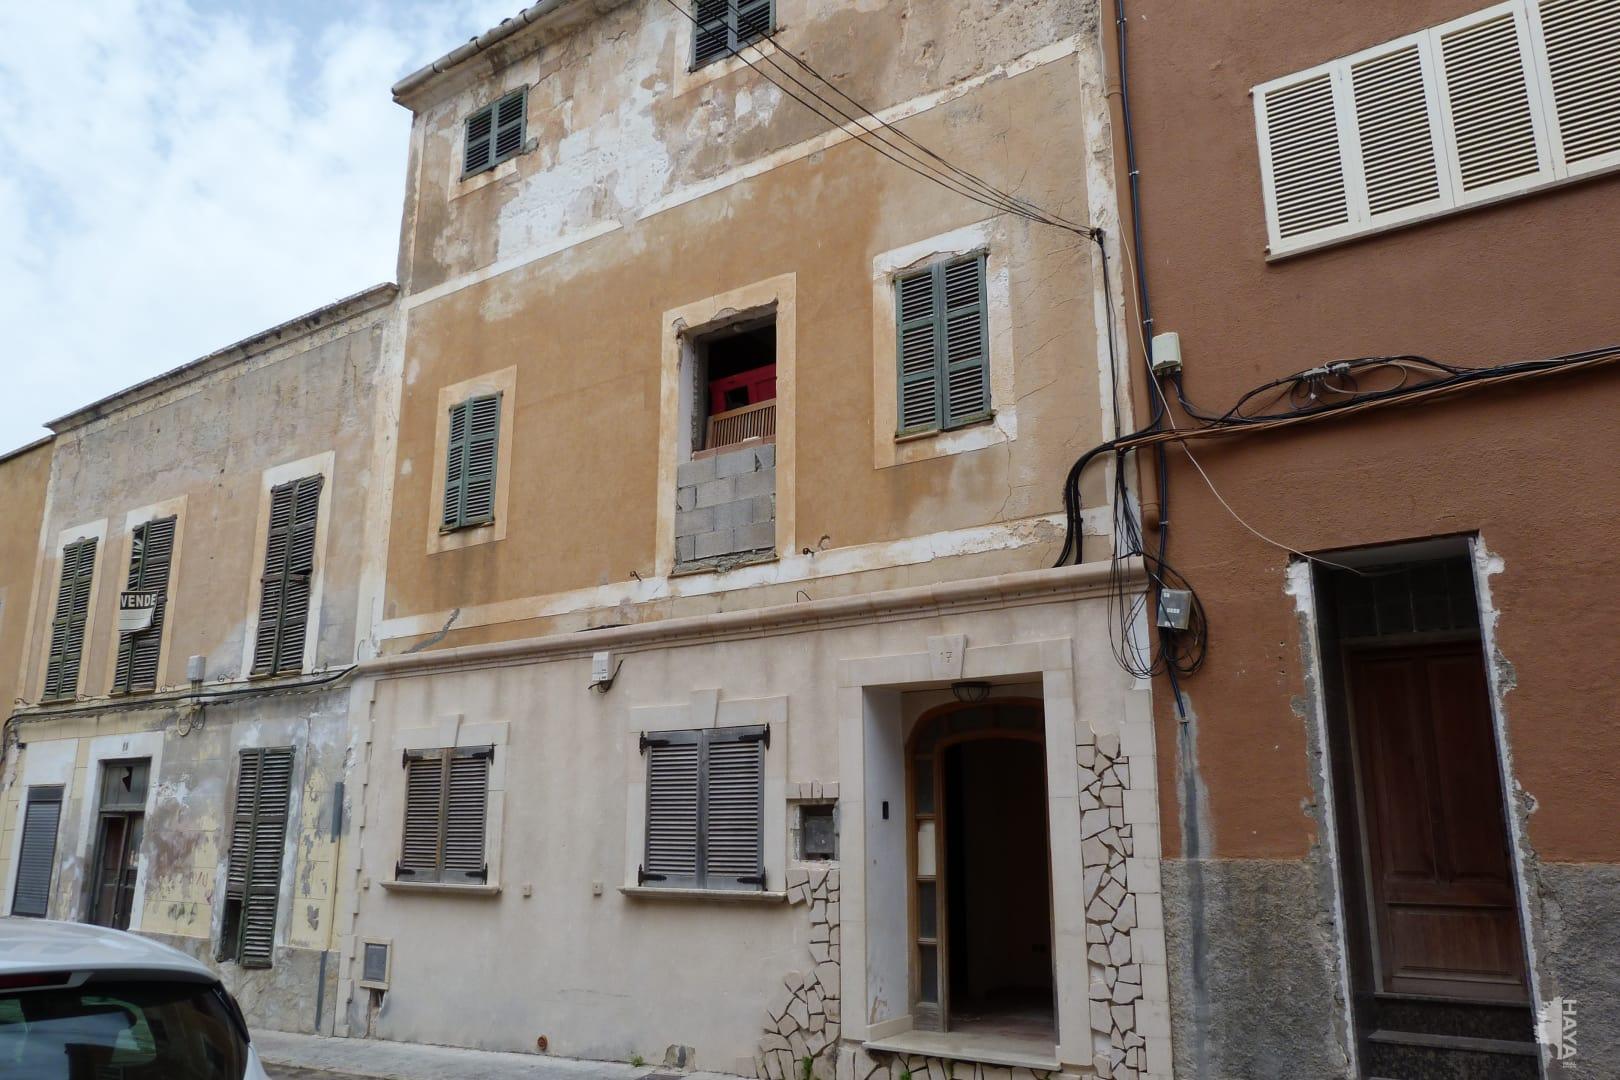 Casa en venta en Felanitx, Baleares, Calle Zavella, 153.847 €, 3 habitaciones, 2 baños, 218 m2